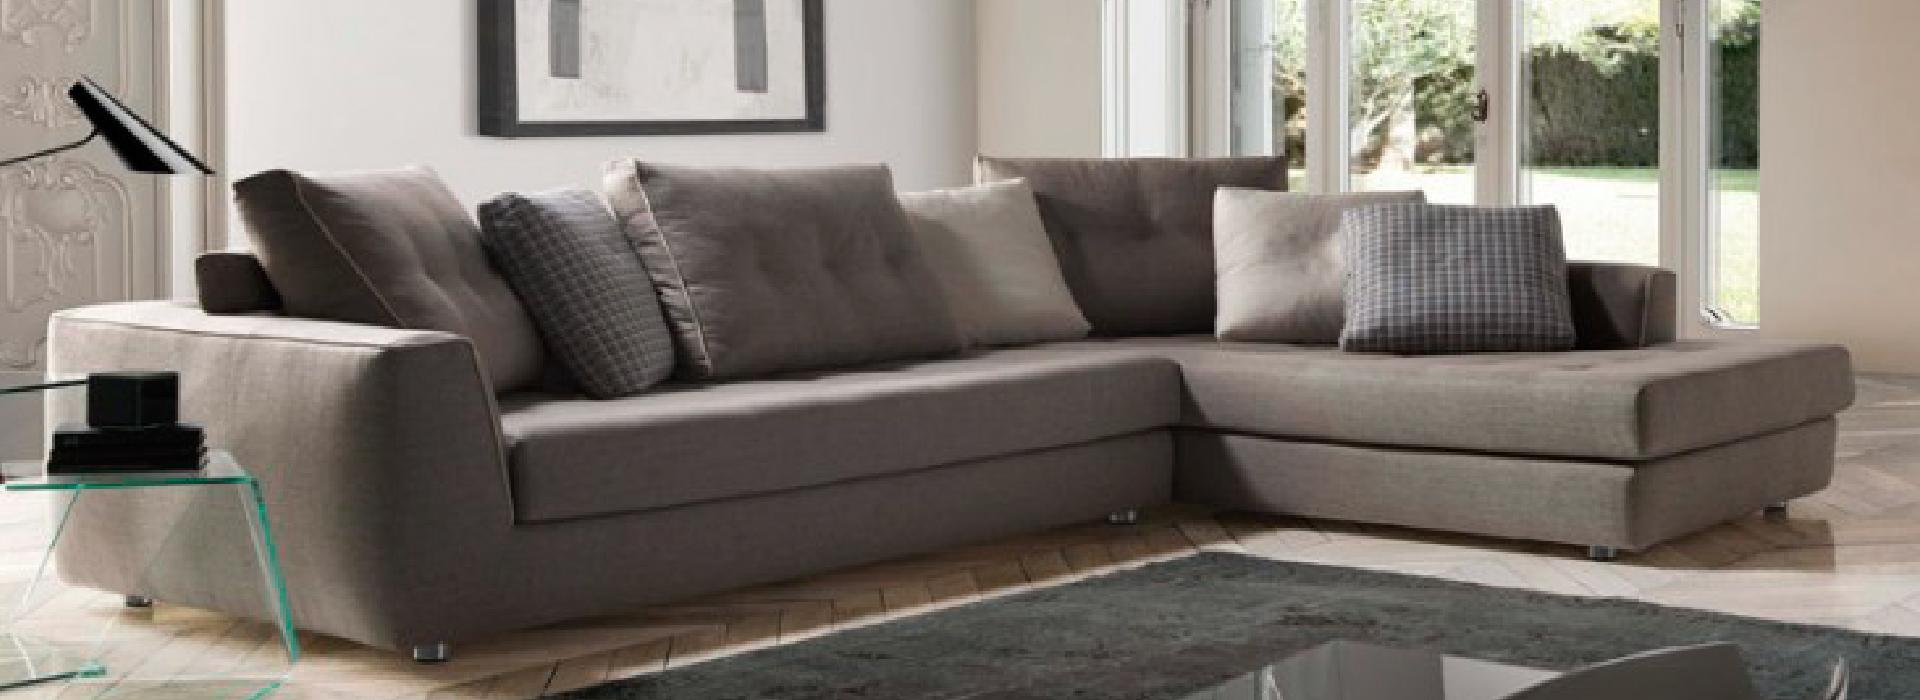 El incre ble efecto espacio de los sof s esquineros for Sofa cama esquinero